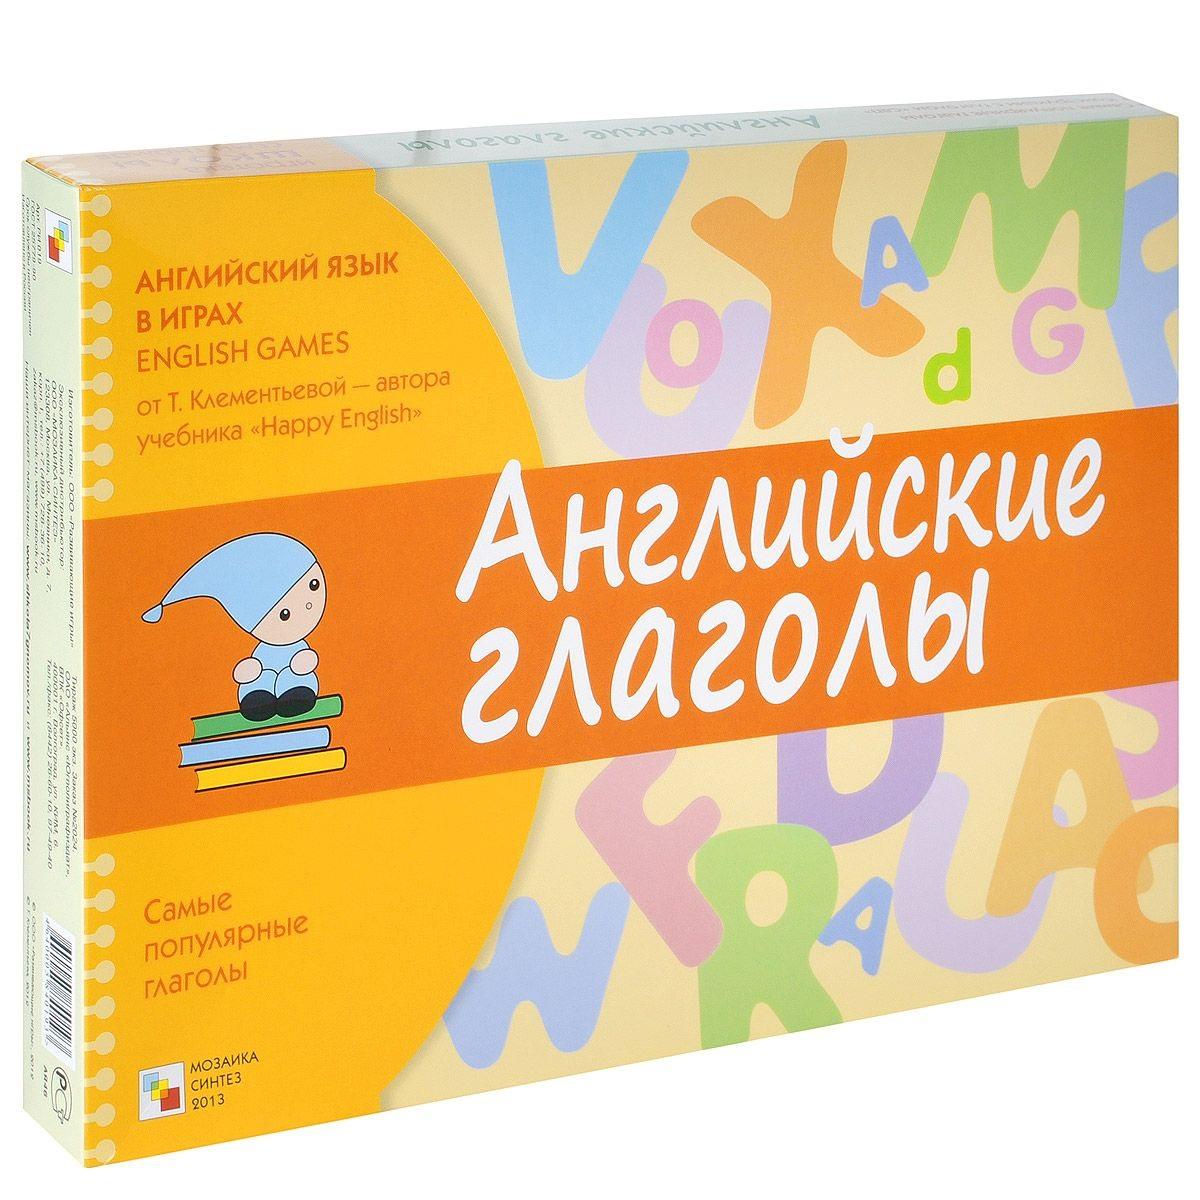 Обучающая игра - Английский язык в играх. Английские глаголыАнглийский язык для детей<br>Обучающая игра - Английский язык в играх. Английские глаголы<br>